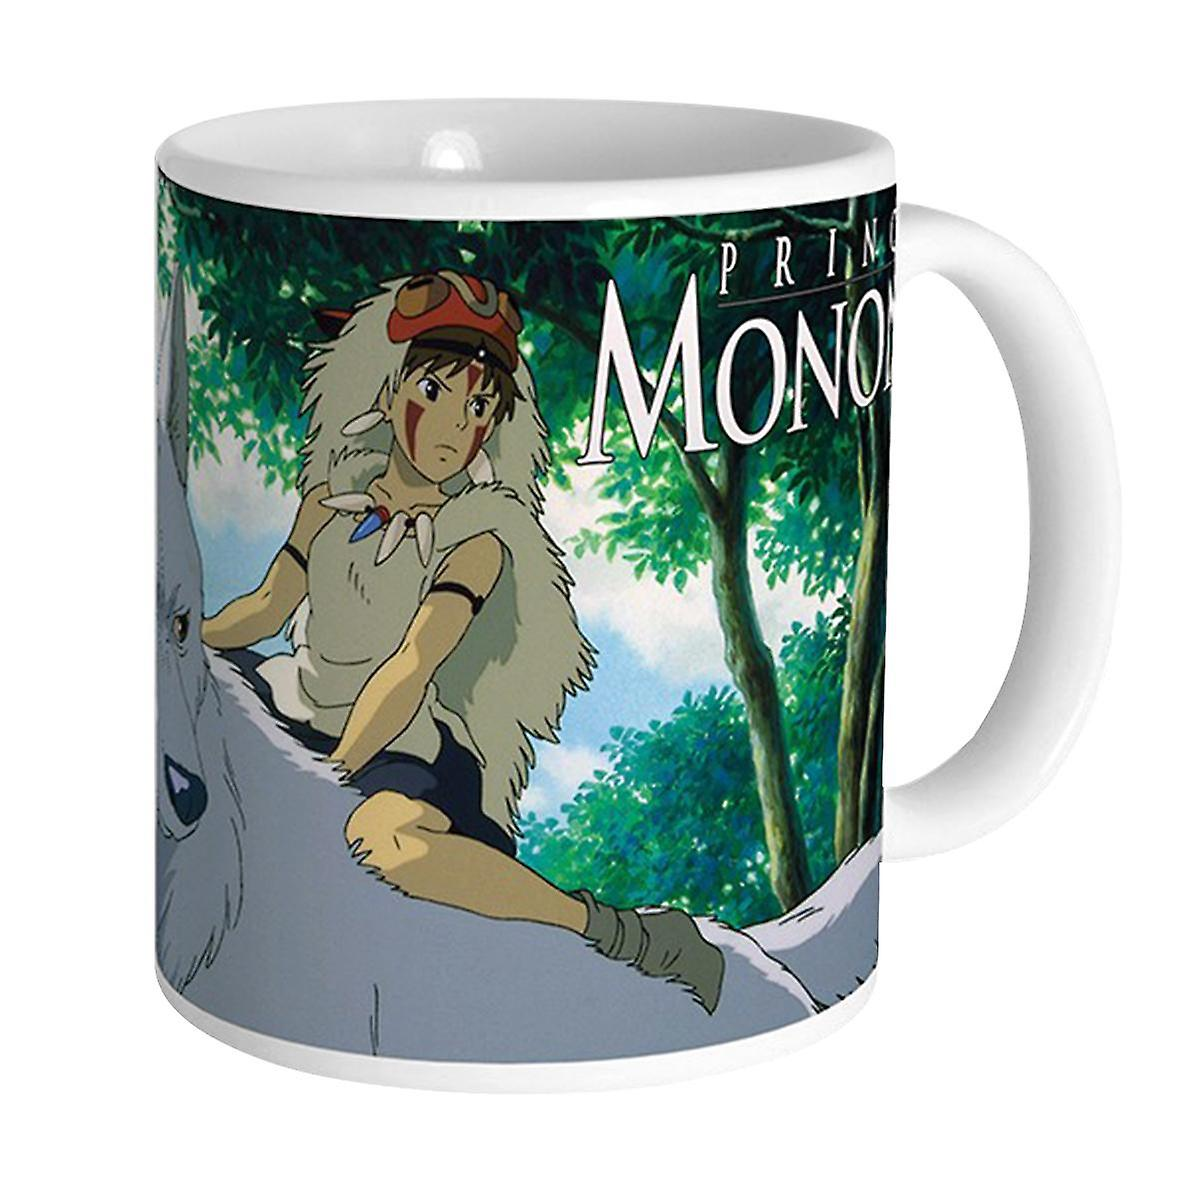 Coupe Céramique Mononoké Du BlancImpriméEn Princesse Mononoke Studio Ghibli MUSzVp